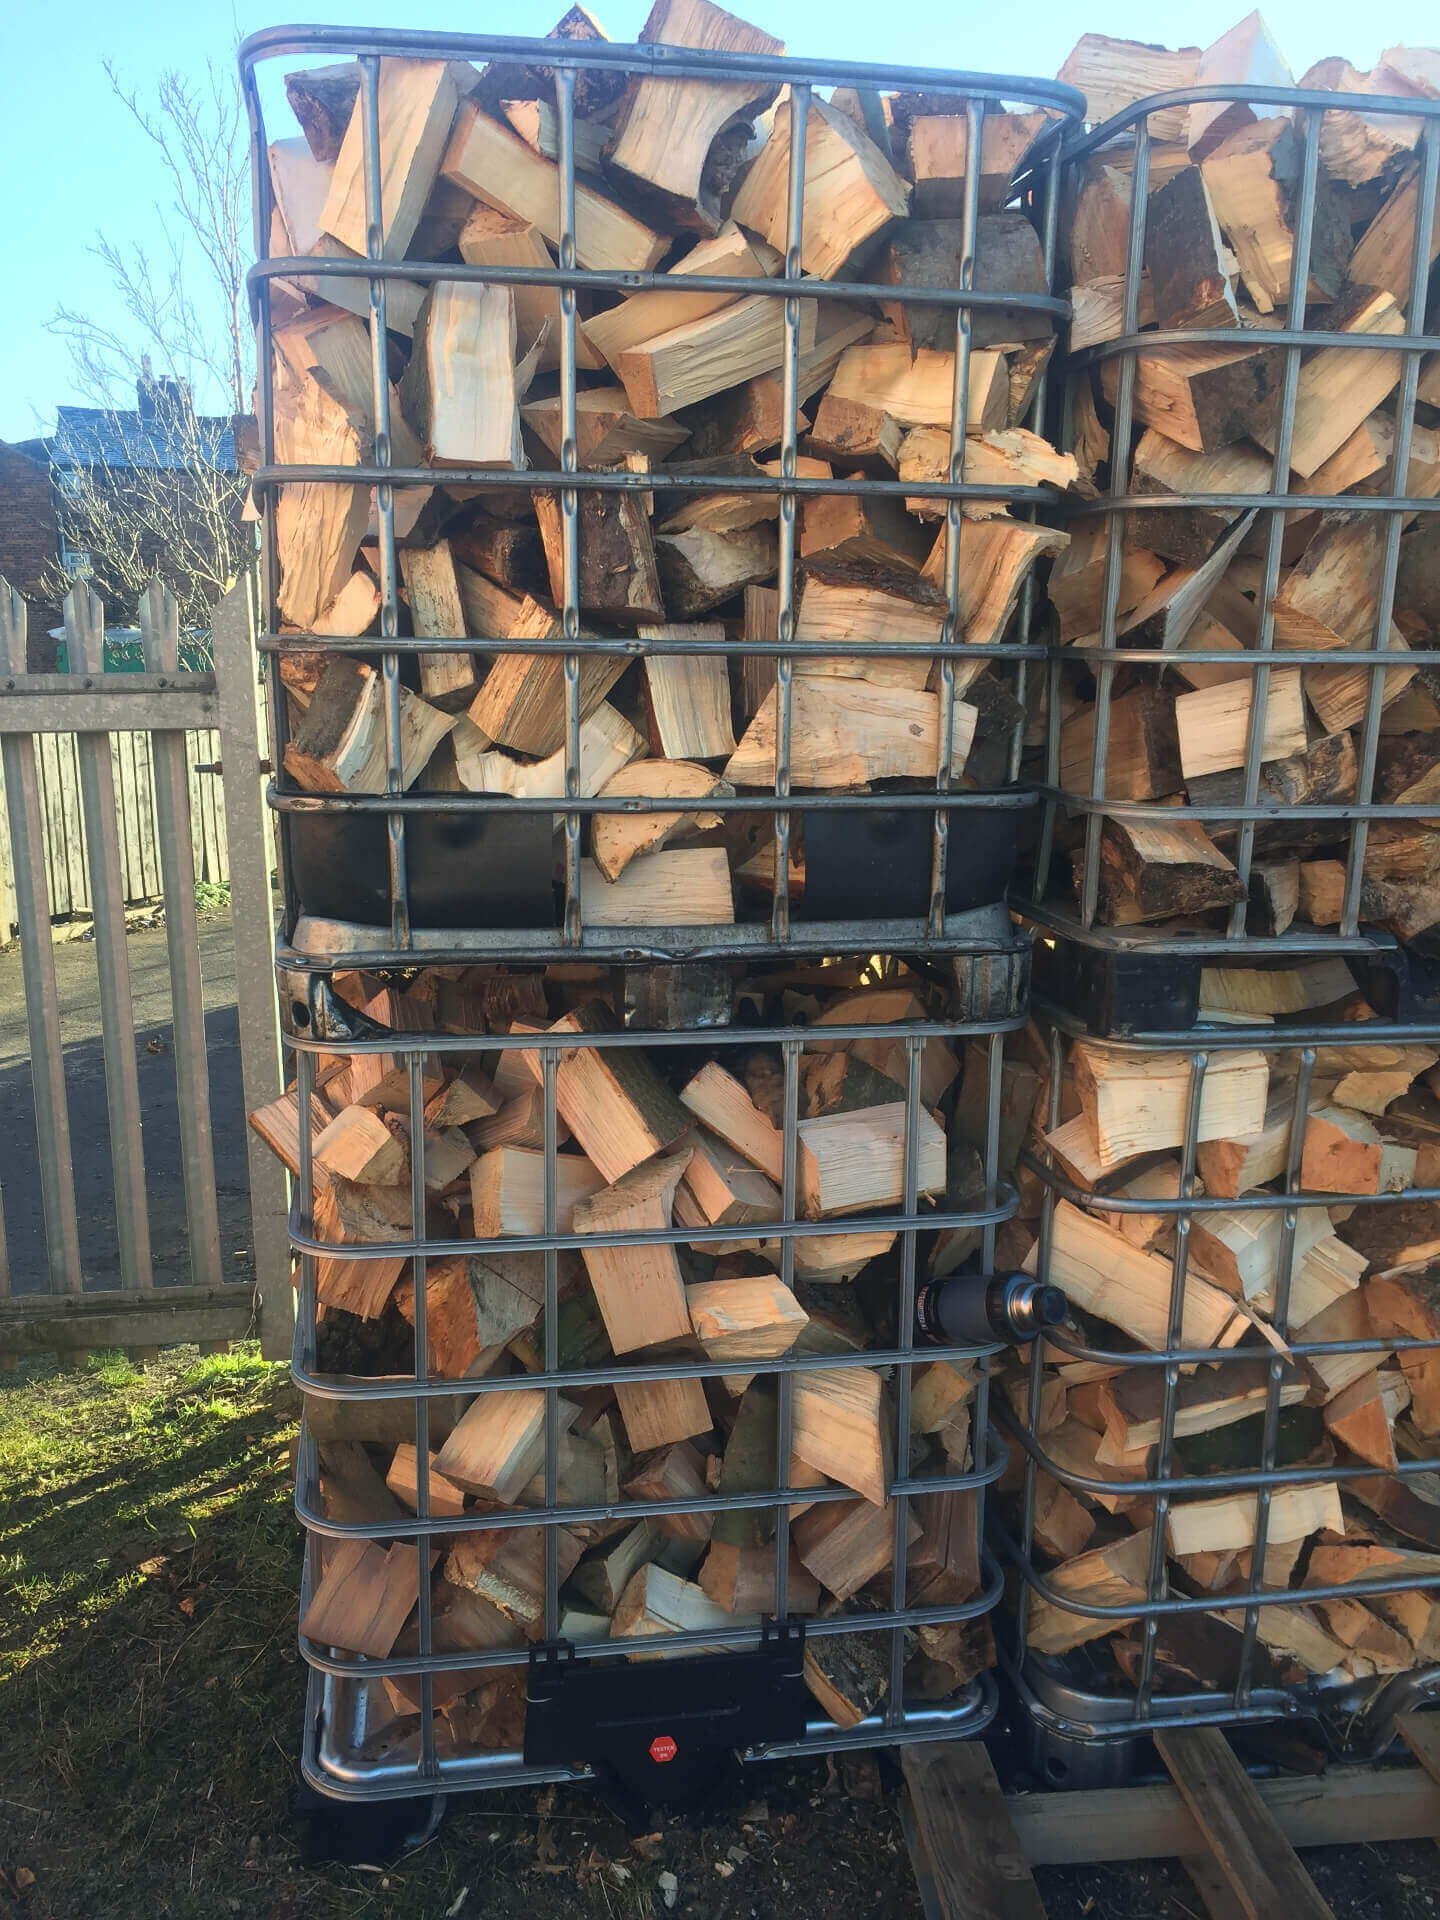 ibc crates full of firewood